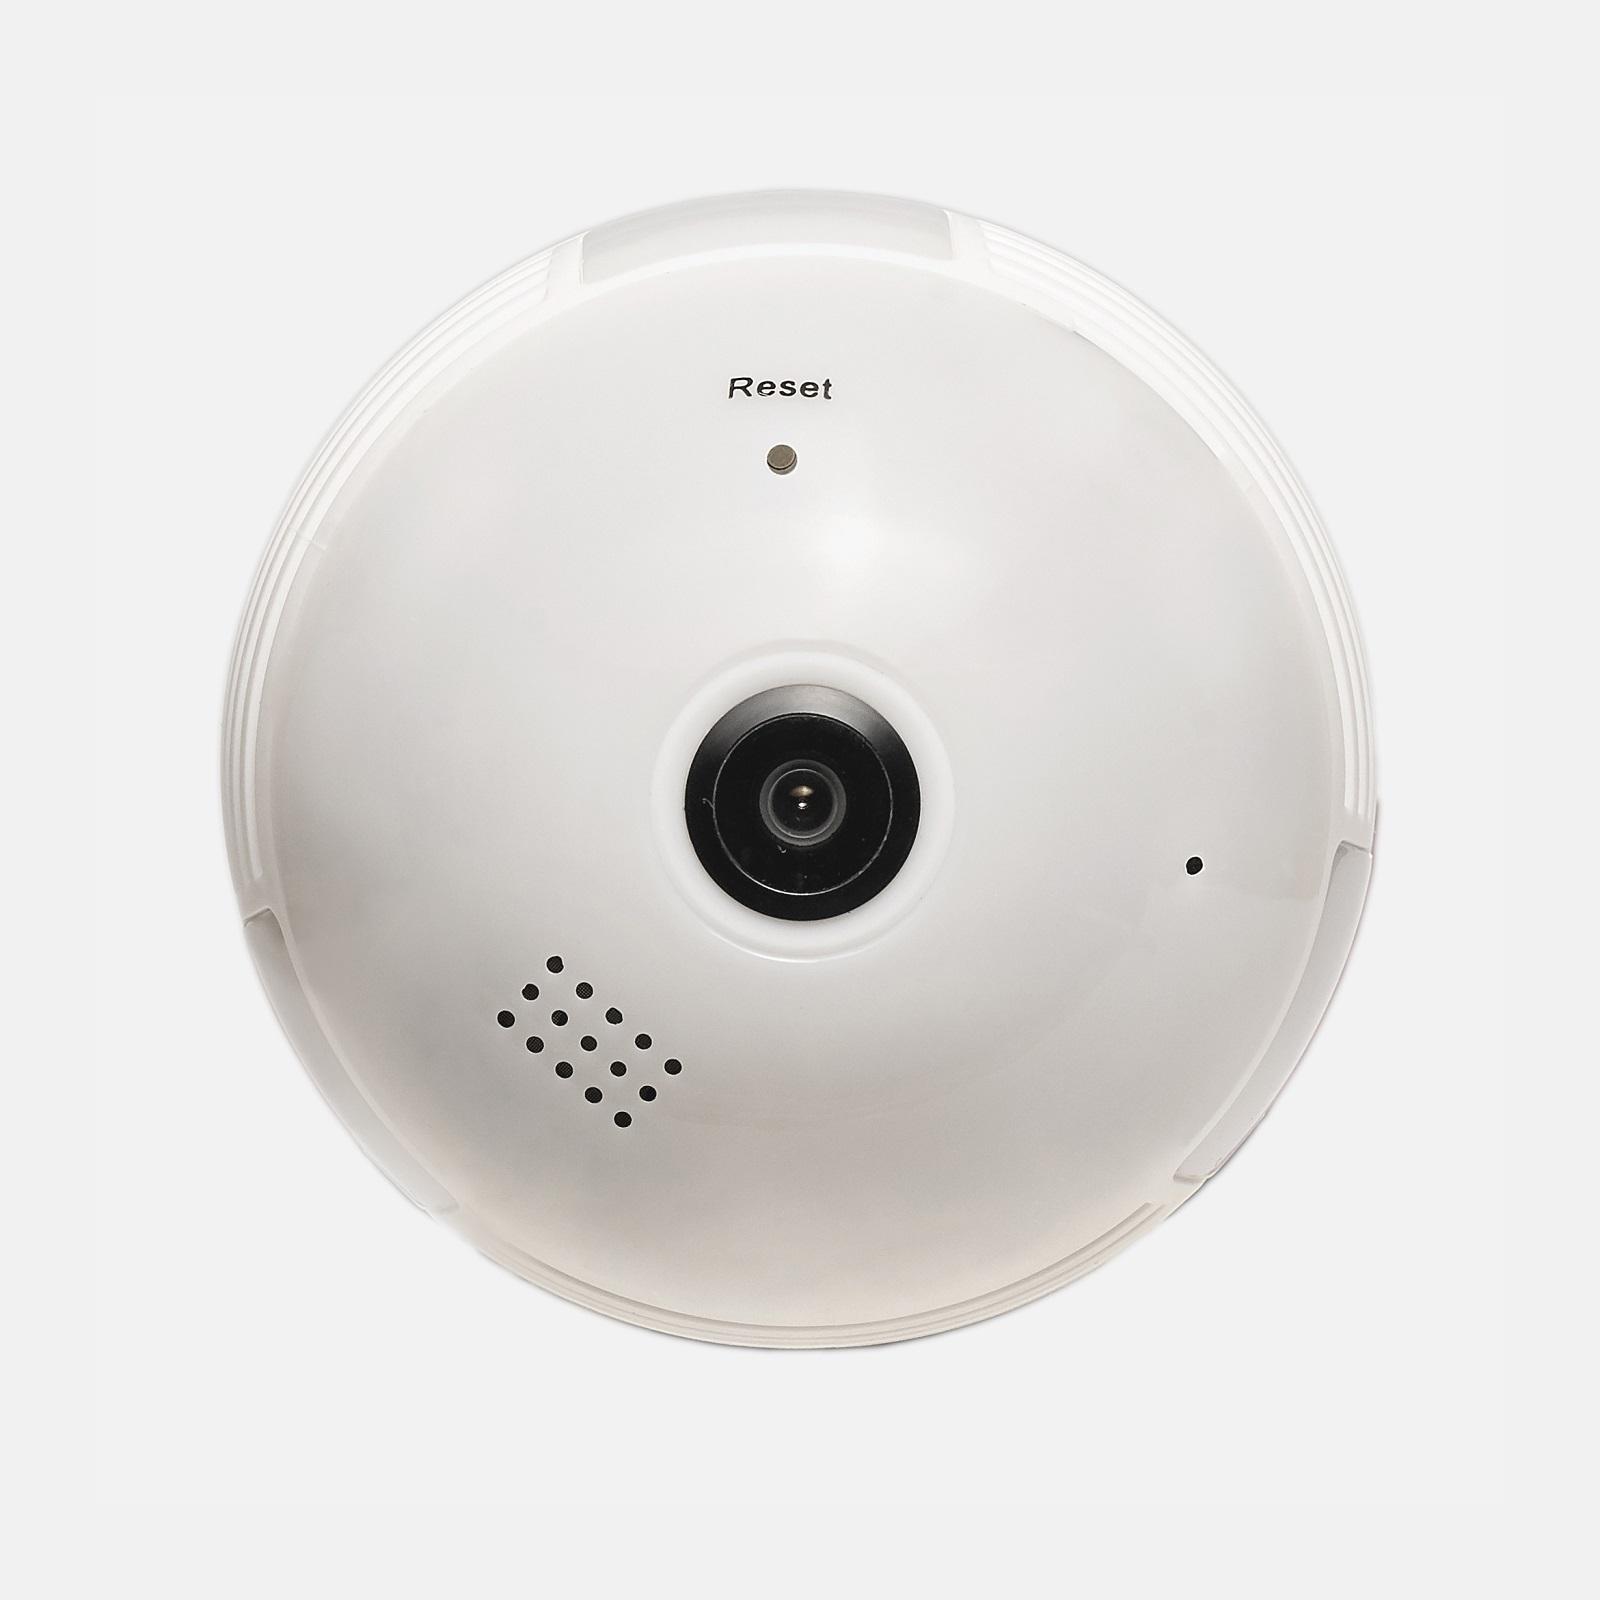 Лампочка со скрытой WI-FI камерой 960P